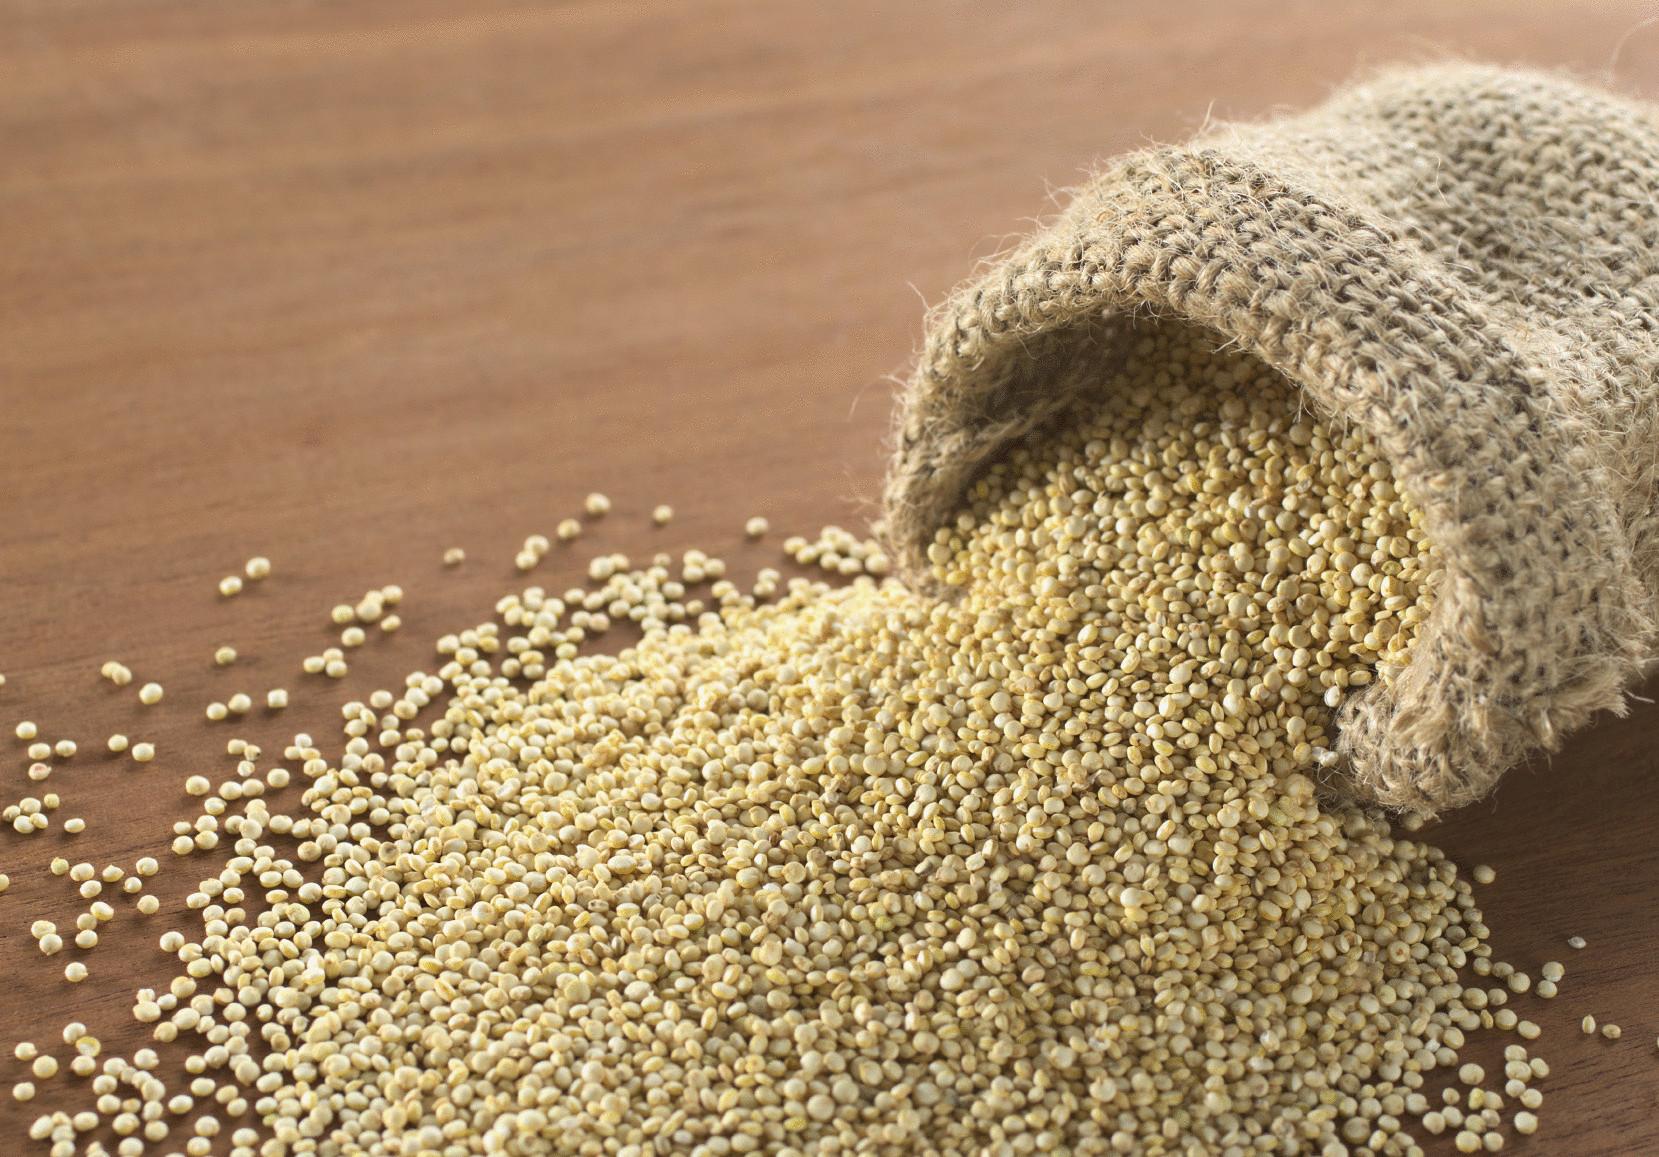 производят зерно в фотографии что это водоем ноябре